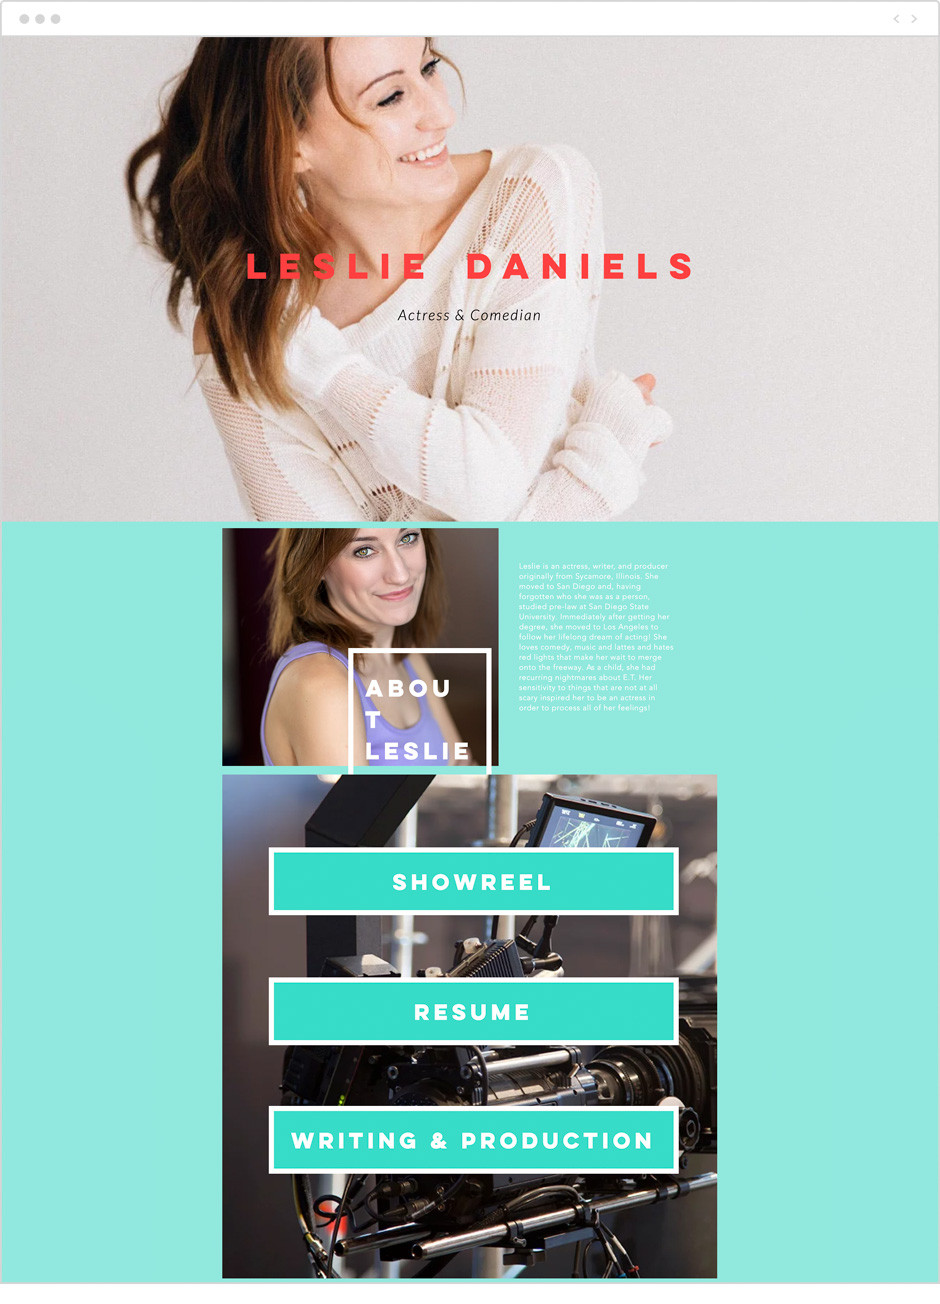 Actor website by Leslie Daniels